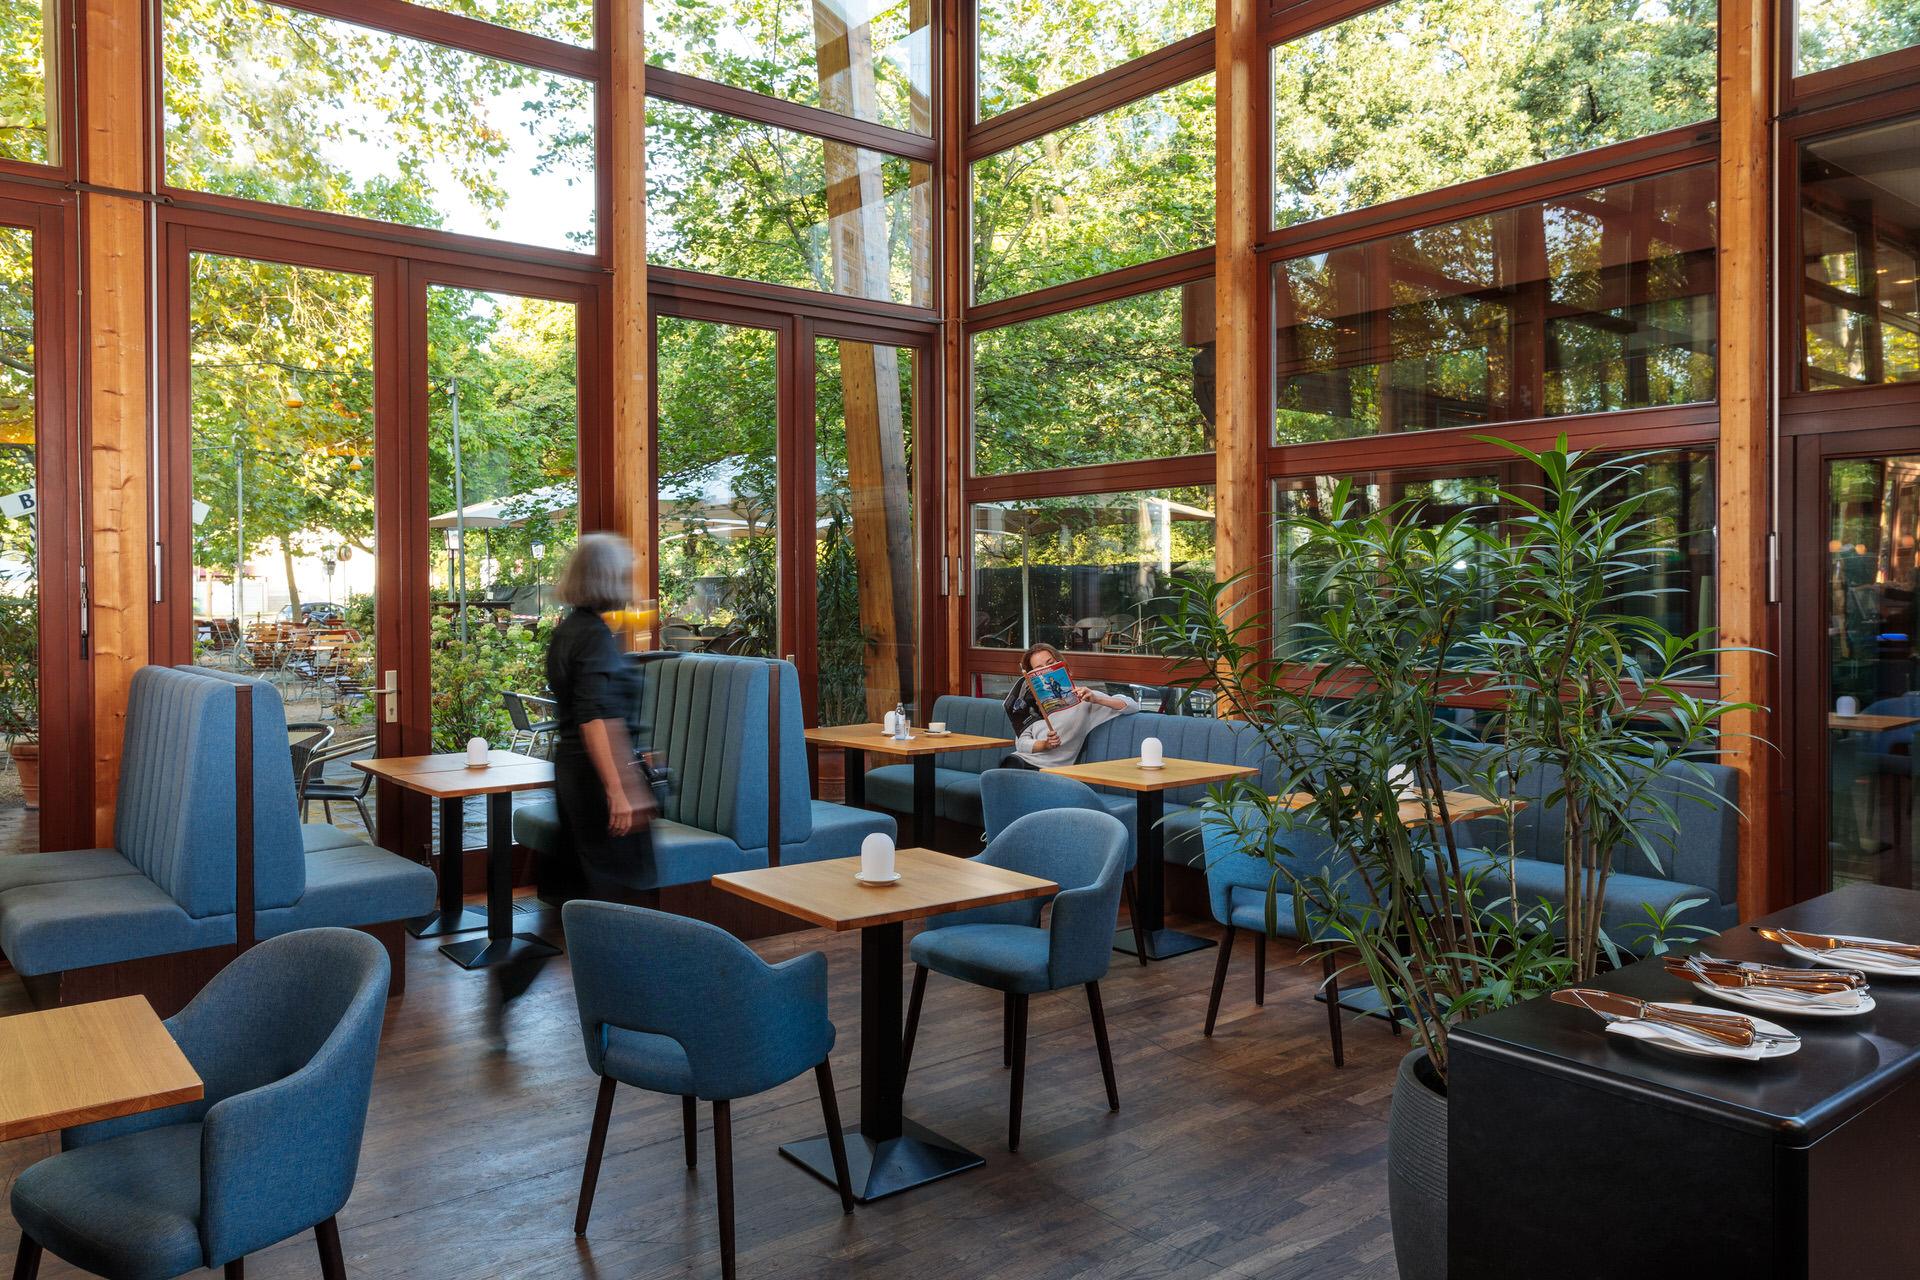 Innenaufnahmen von einem Berliner Restaurant